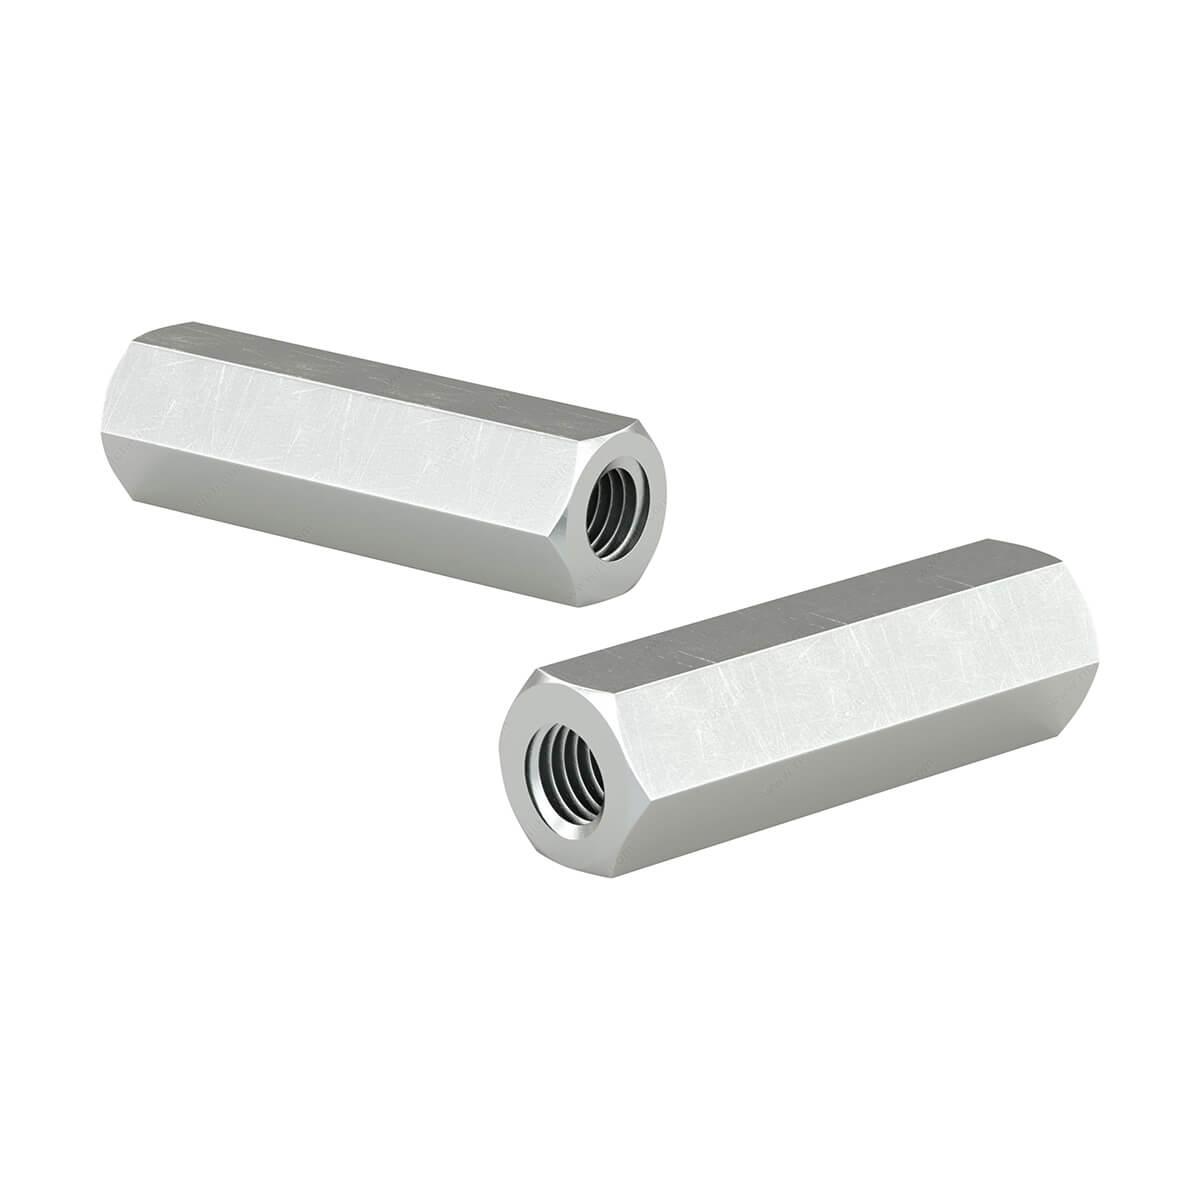 Coupling Nut - 1/2-in-14 X 1-3/4-in - Zinc - 2 / Box